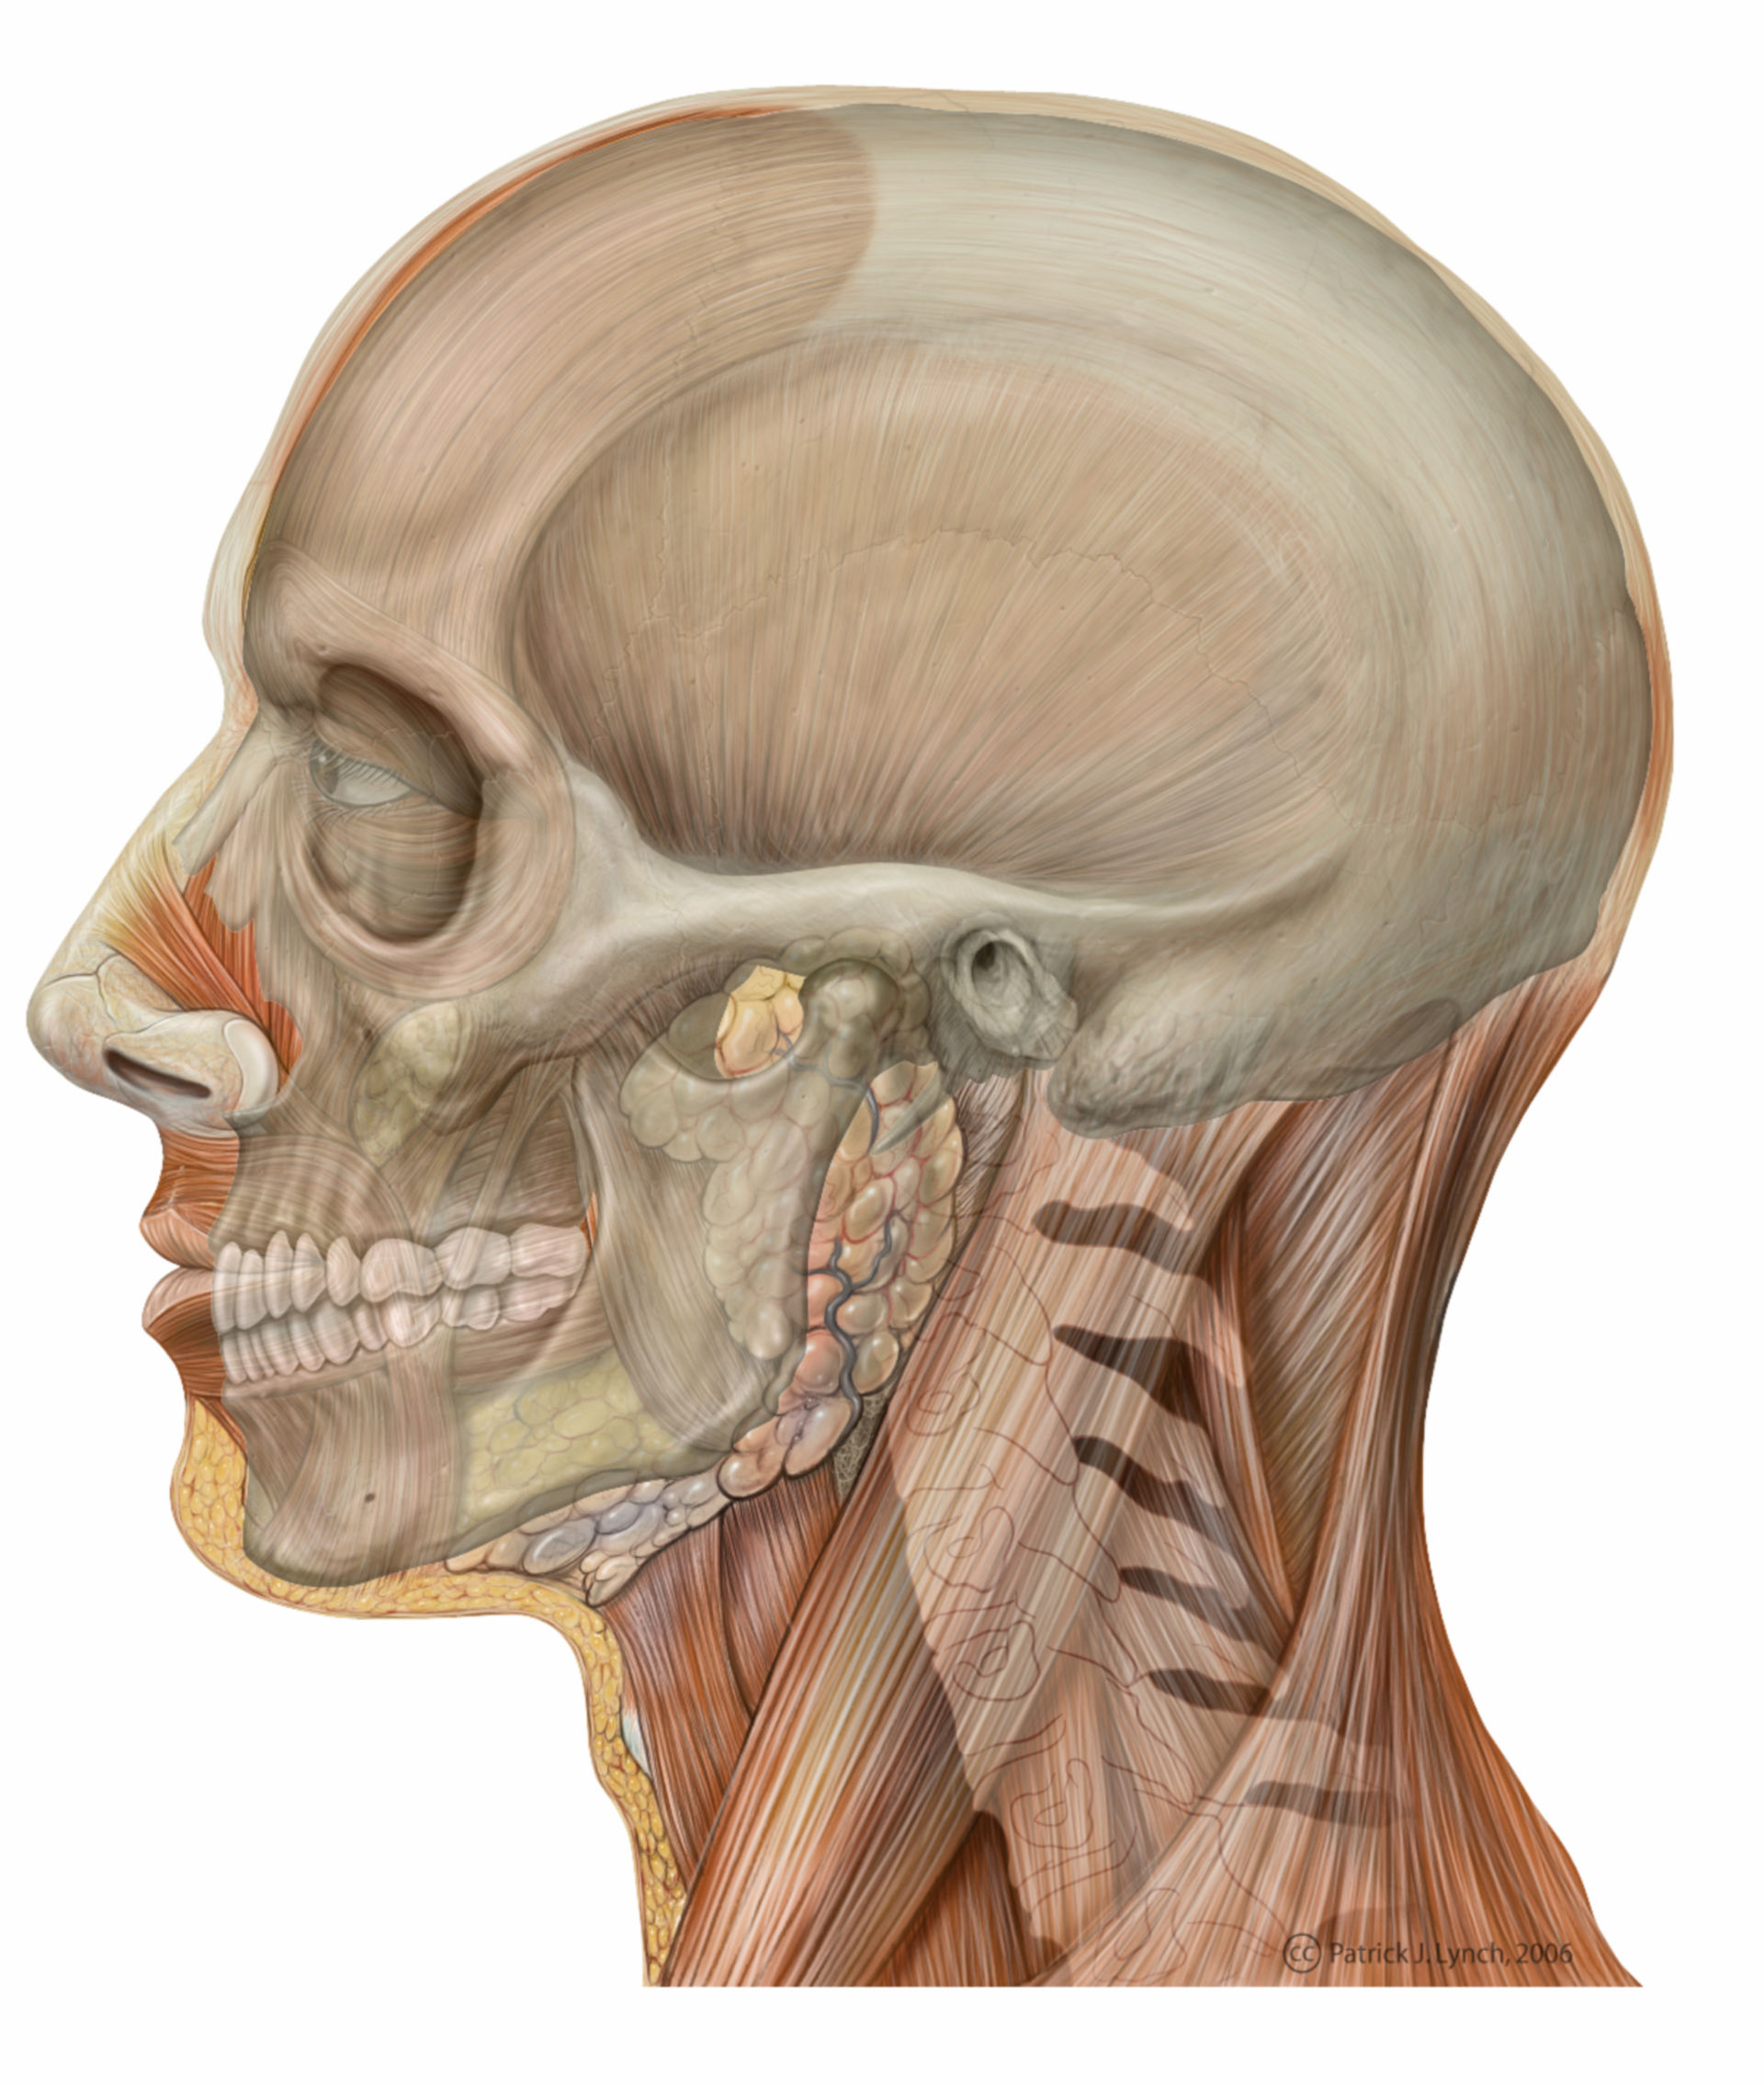 Anatomie des Kopfes (Illustration mit Schädelprojektion)